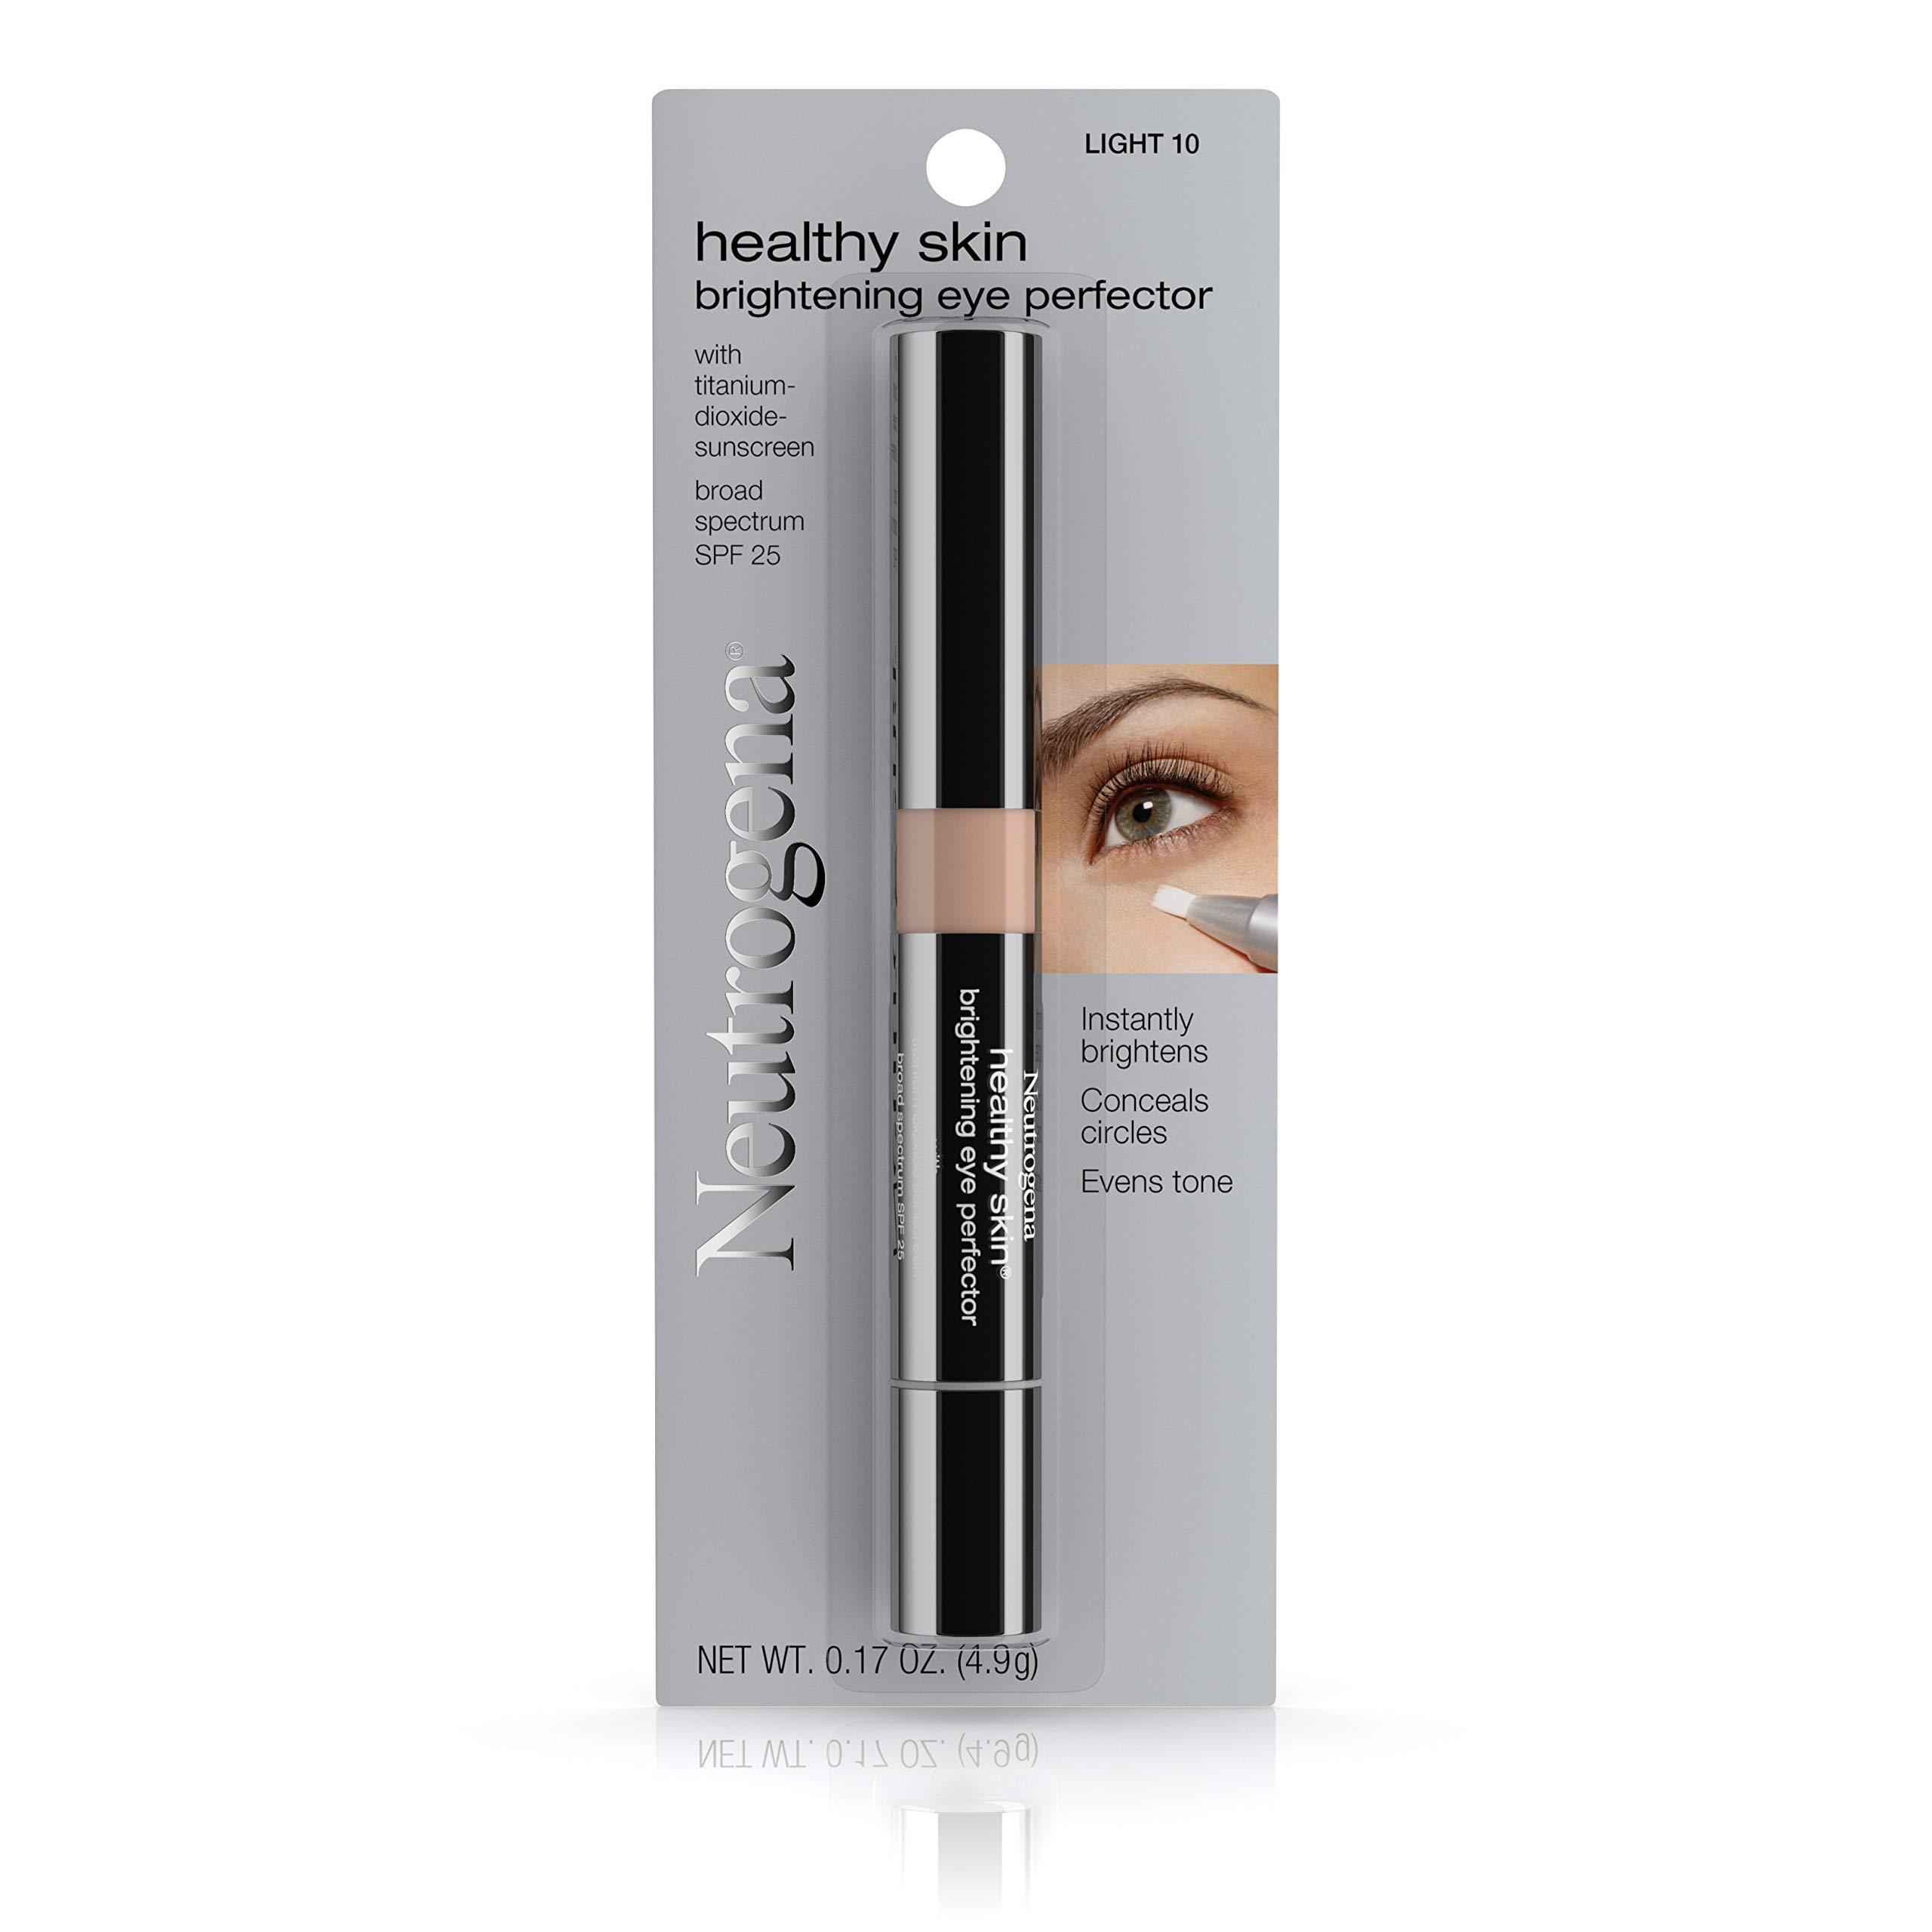 Neutrogena Healthy Skin  Brightening Eye Perfector Broad Spectrum Spf 25, Under Eye Concealer,  Light 10, .17 Oz. by Neutrogena